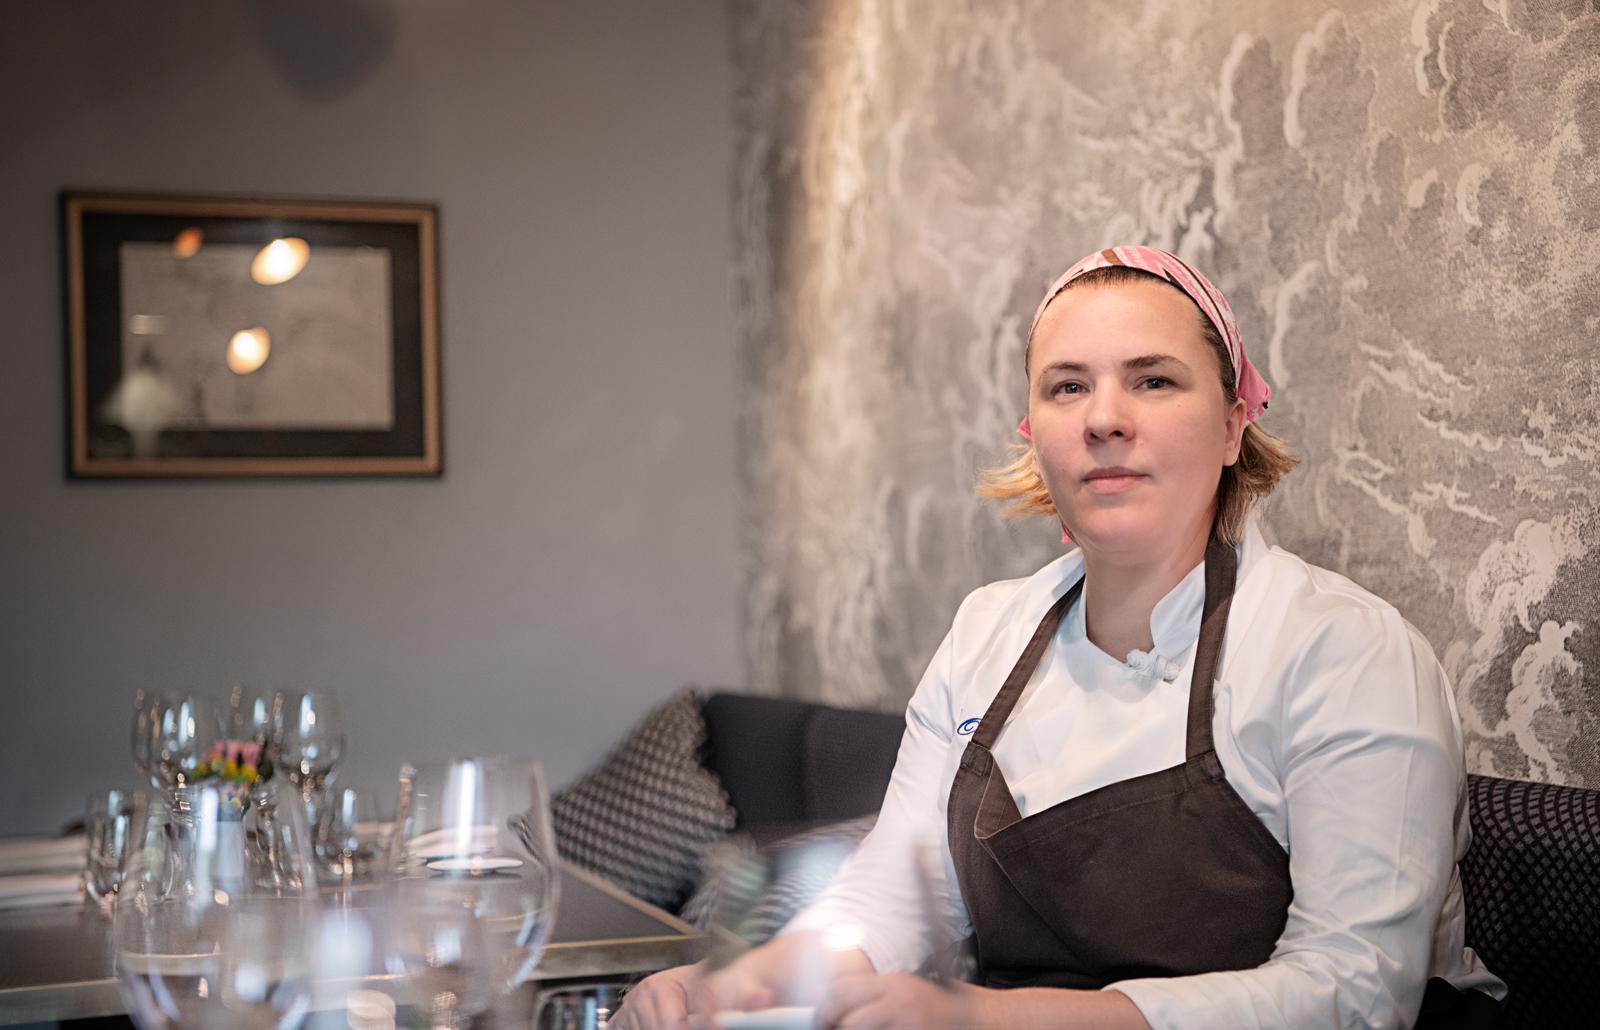 Entiana Osmenzeza chef del ristorante Coktail bar Gurdulù. Santo Sirito, Firenze